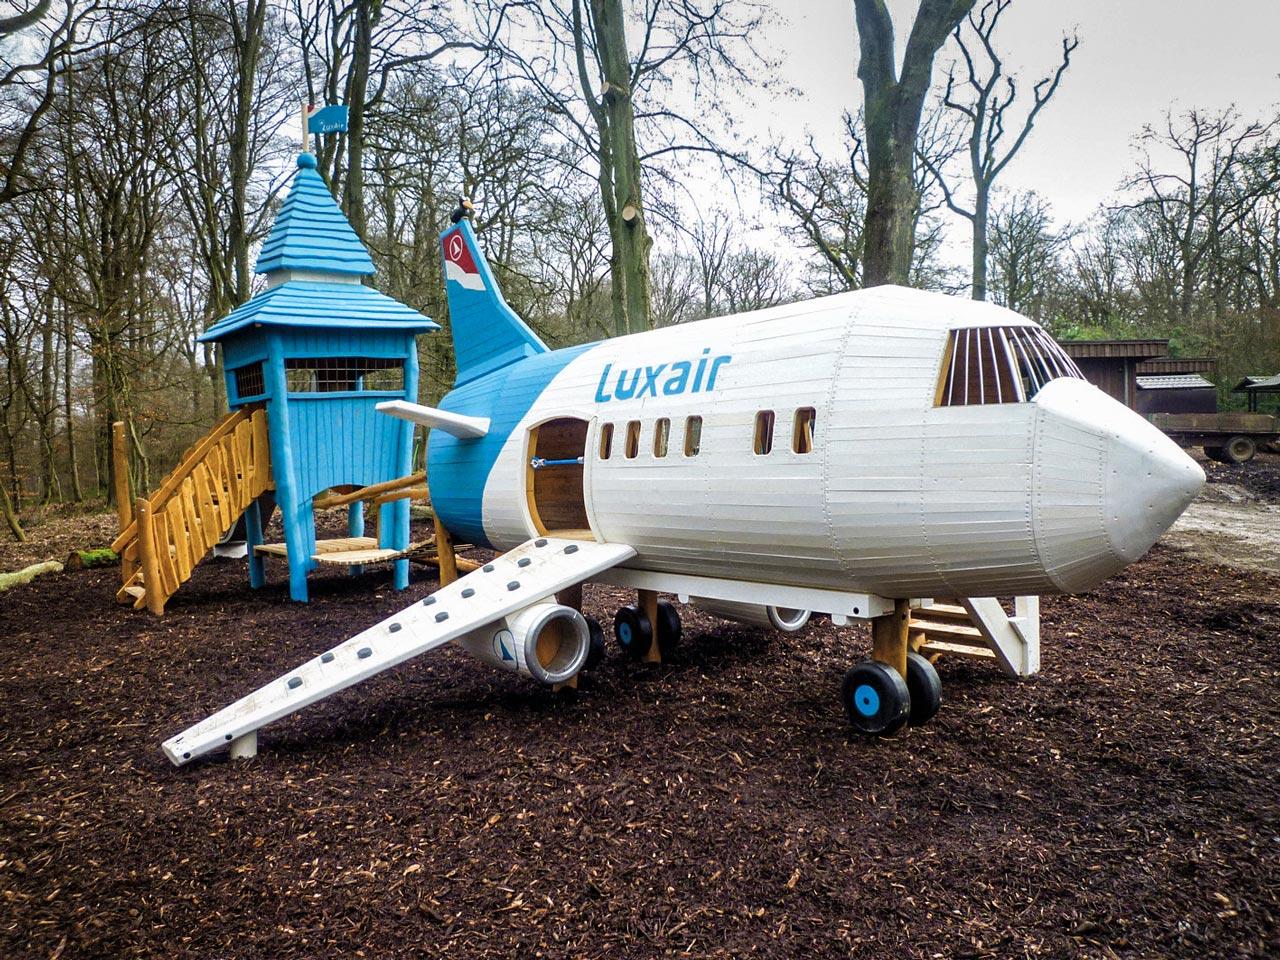 N 126 Spielplatz kleiner Flughafen mit Flugzeug